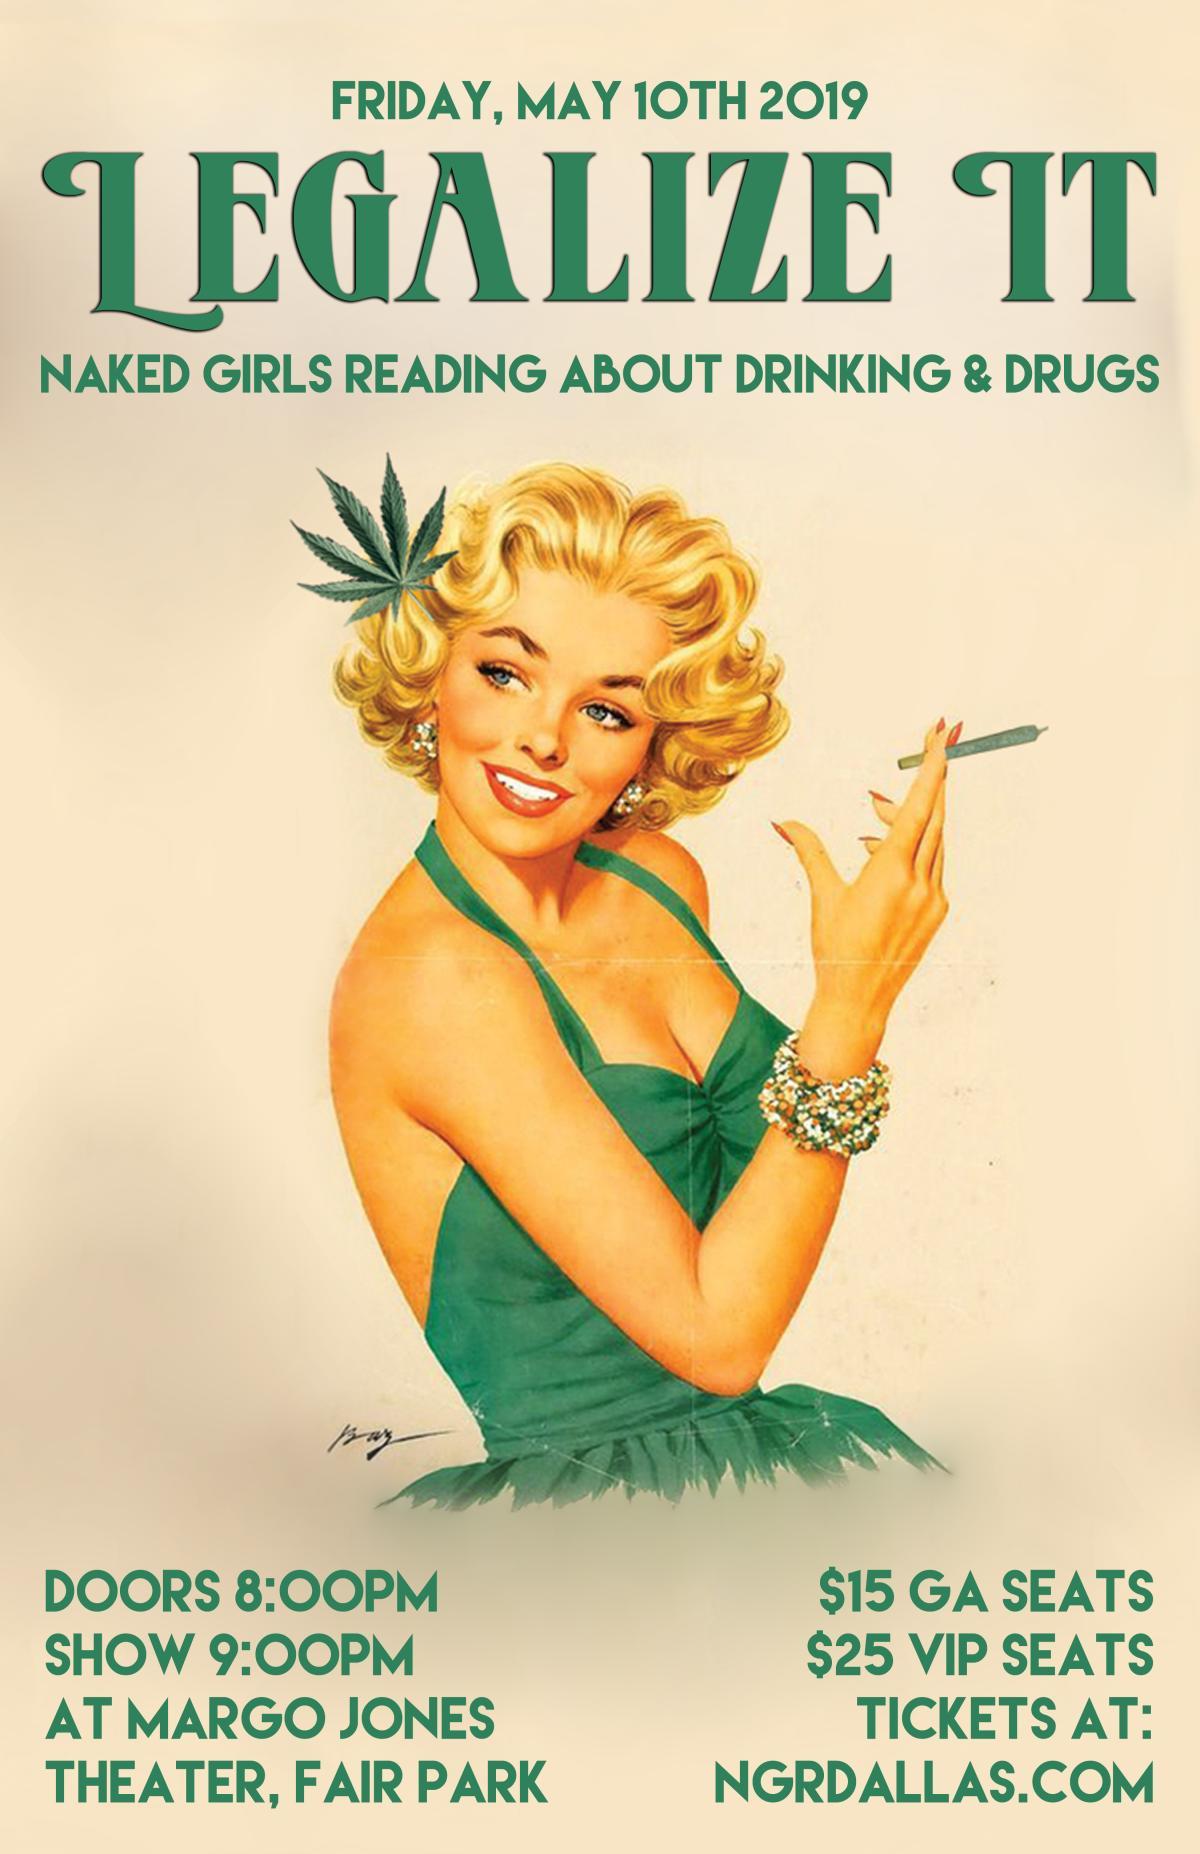 Naked Girls Reading Legalize It